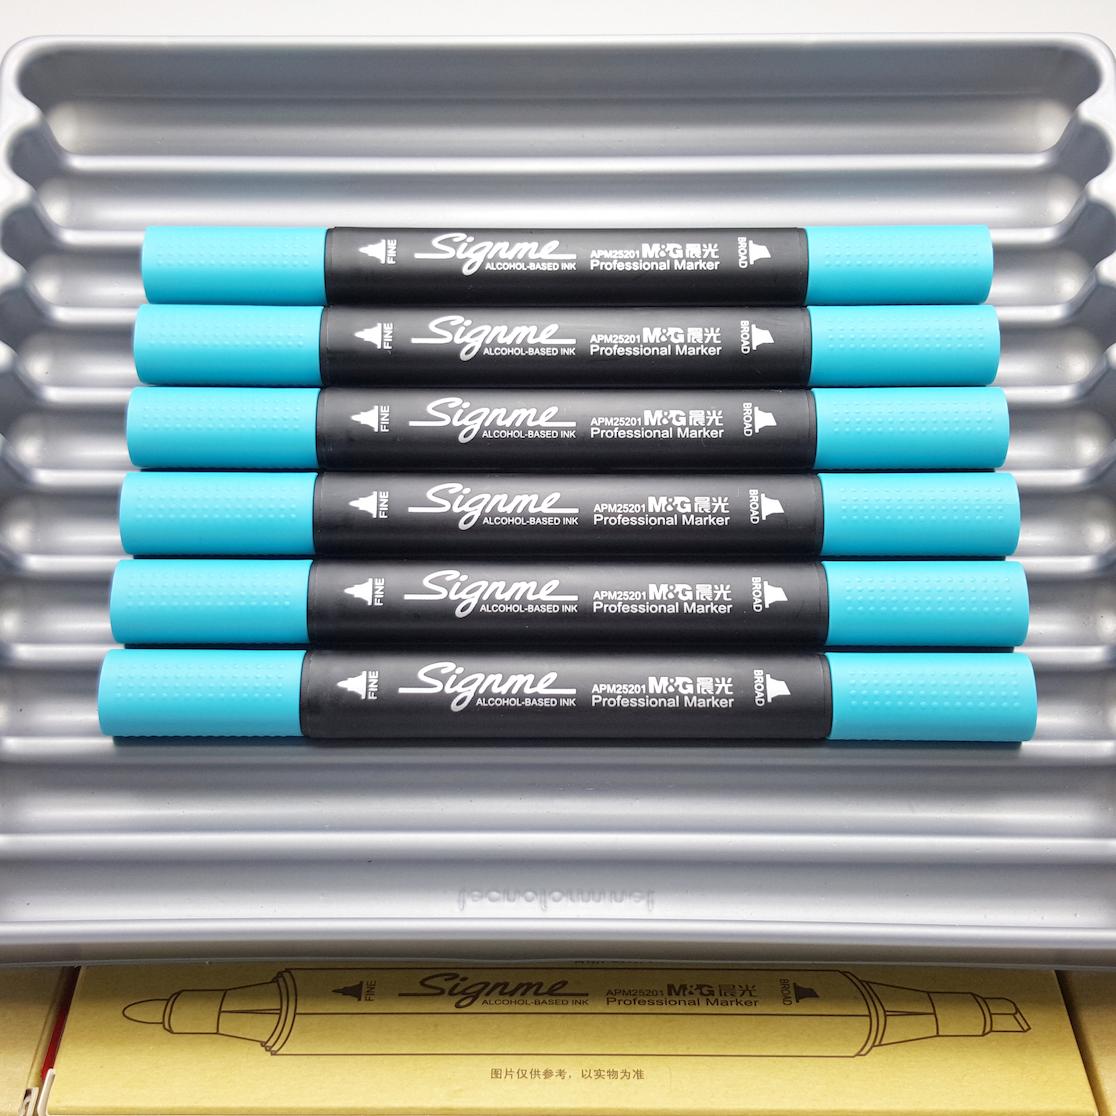 ปากกามาร์คเกอร์ไซน์มิ Signme Professional Marker - #061